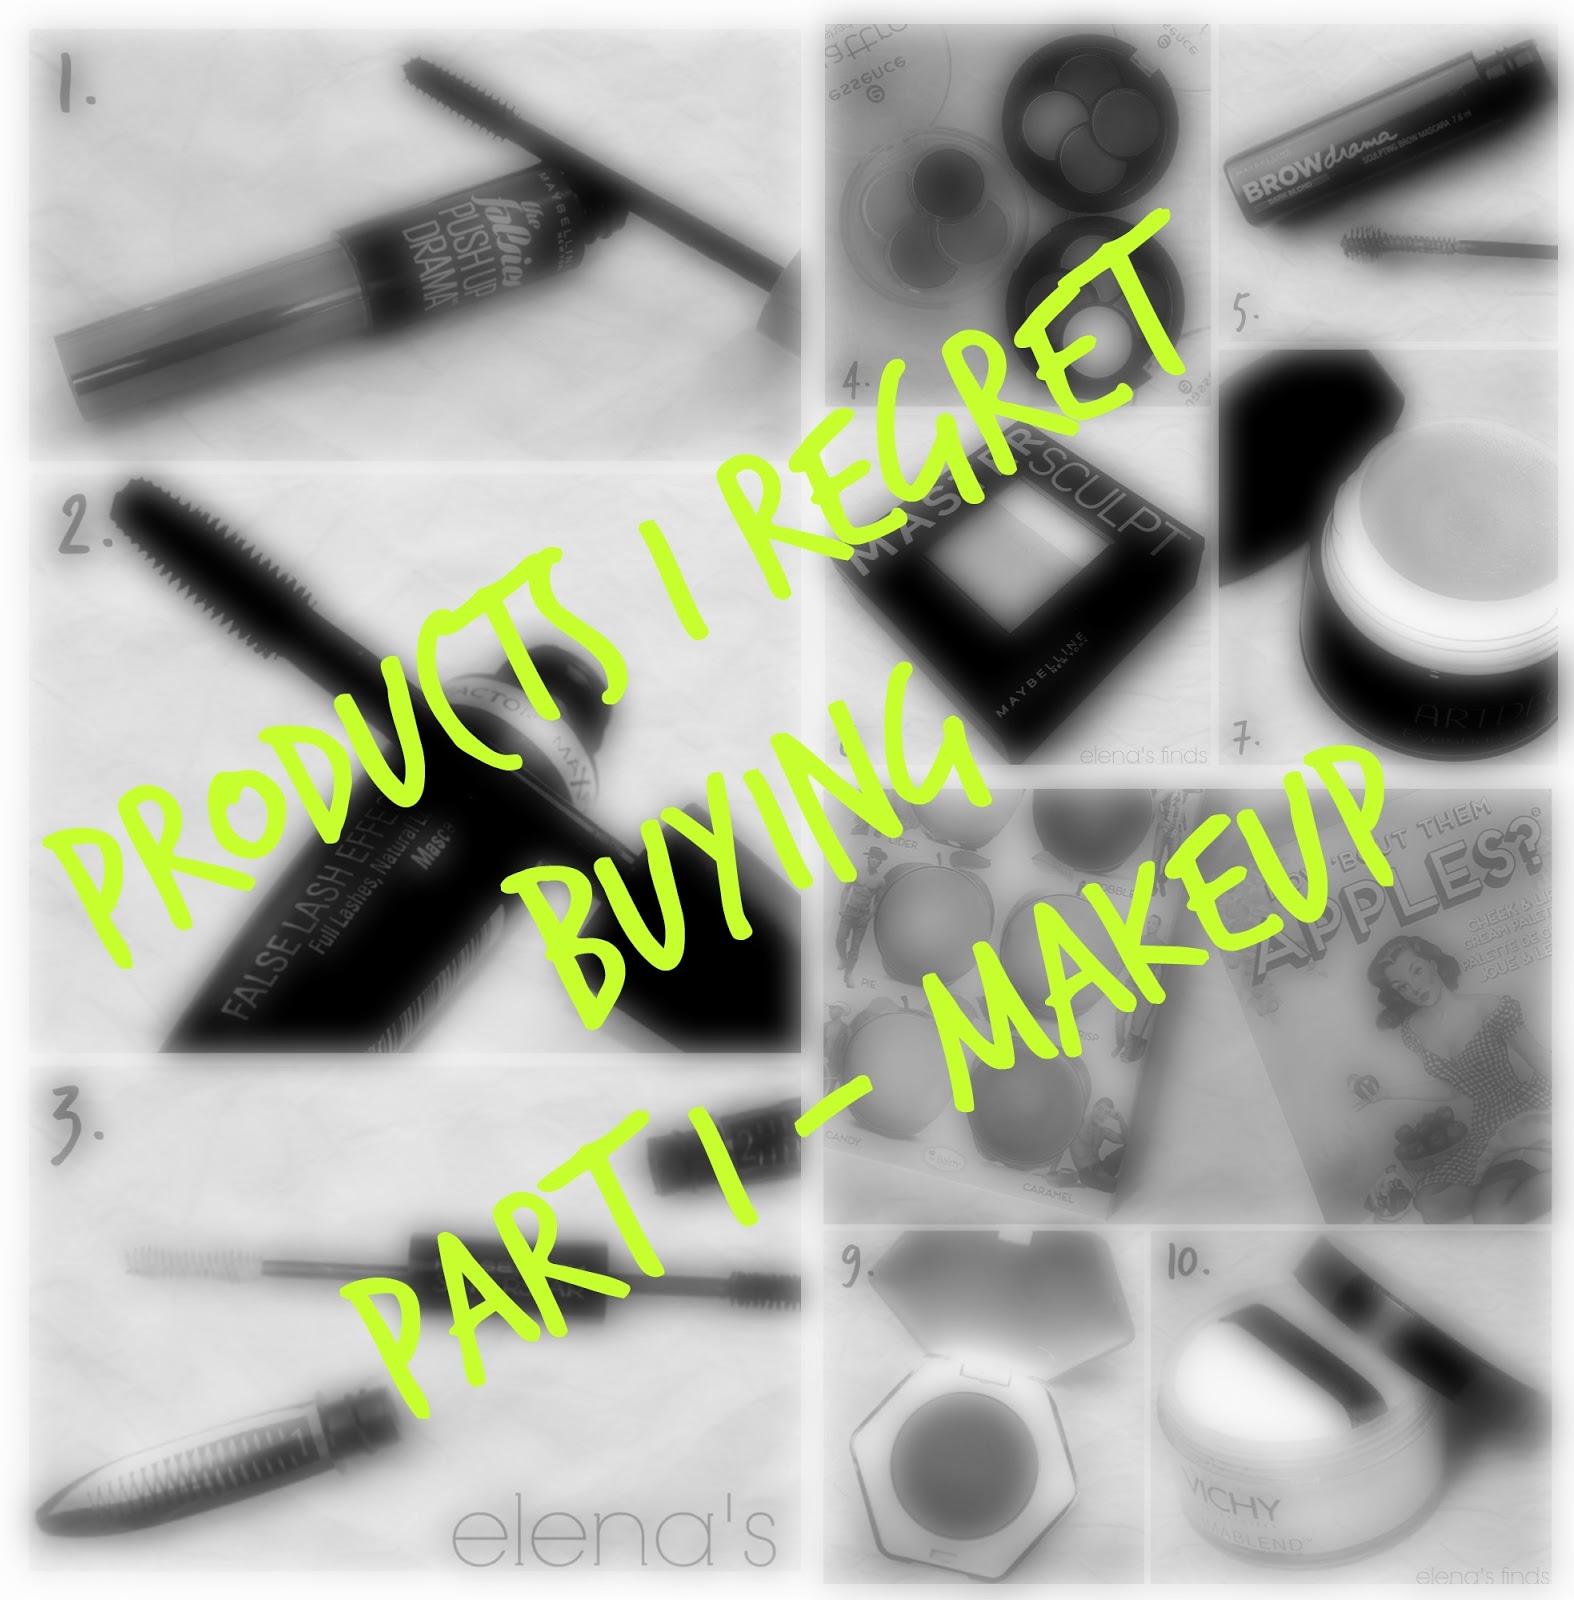 3ea1d7dd5c Products I Regret Buying Part I - Makeup